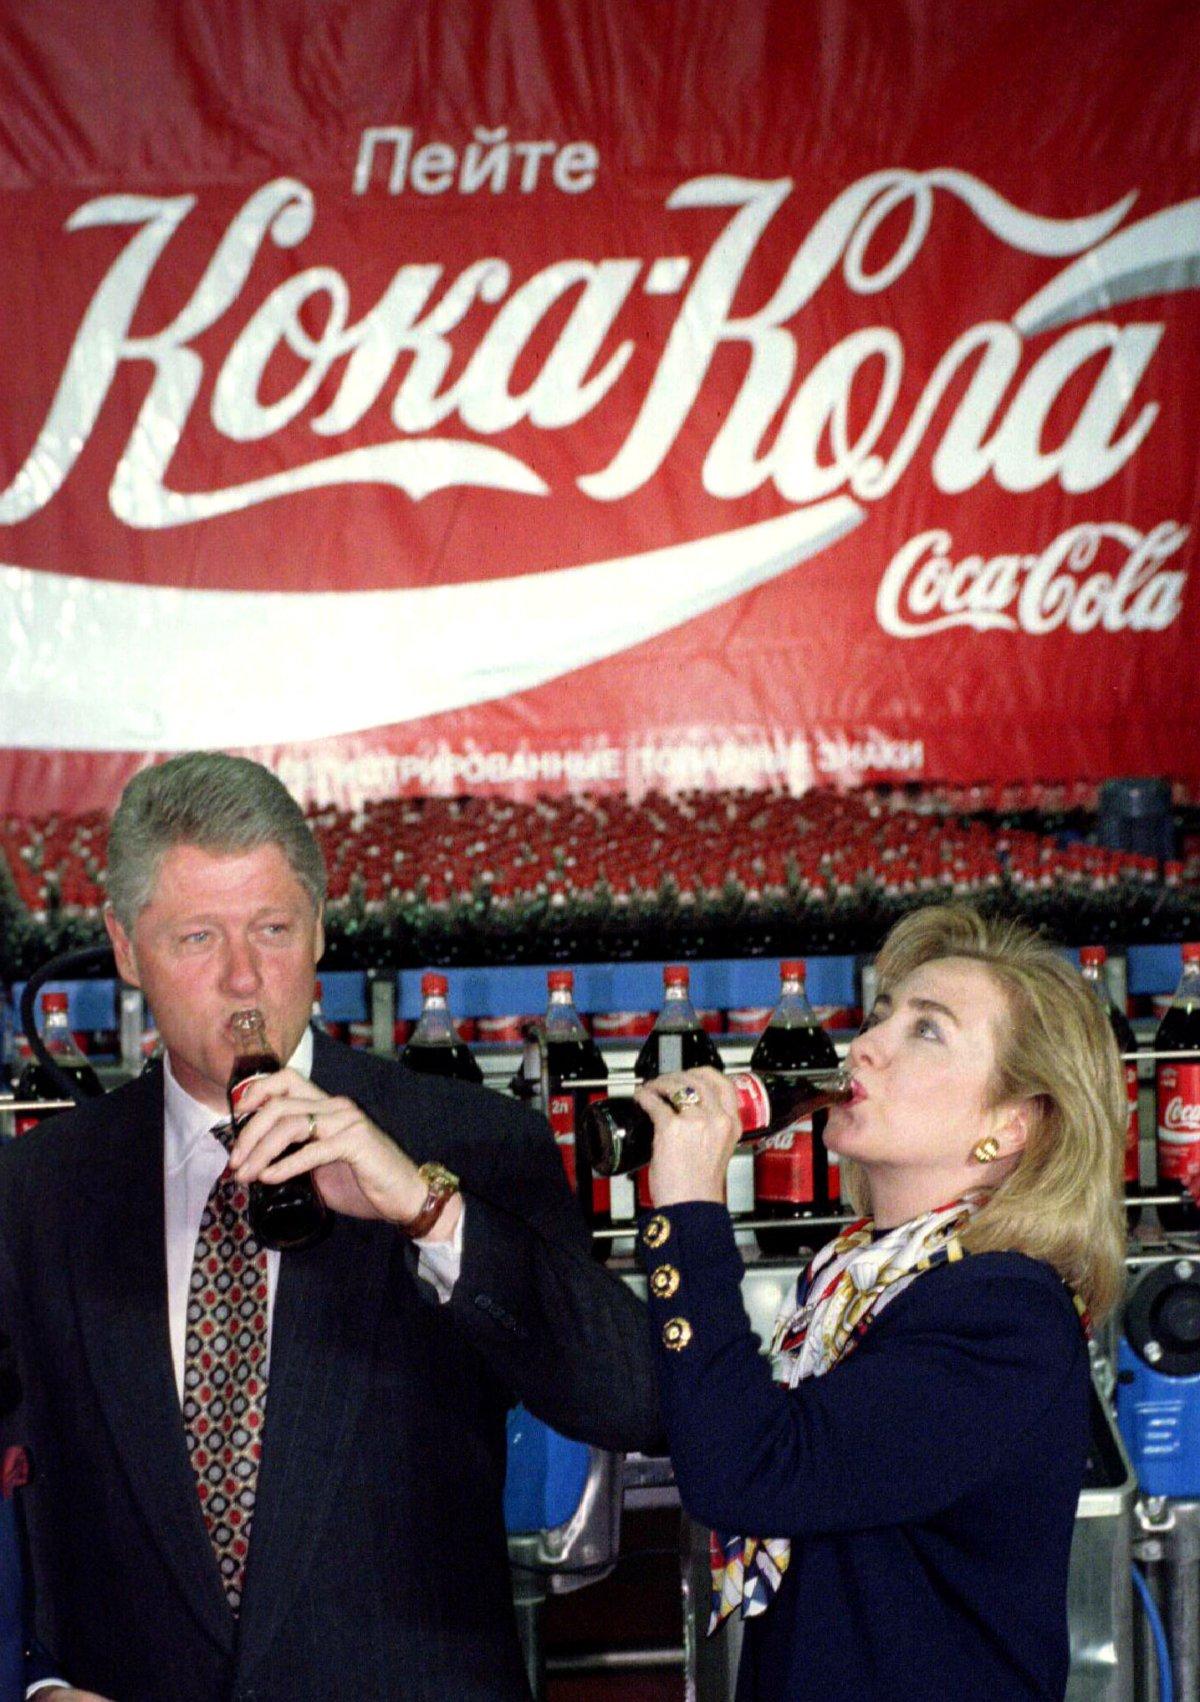 """Reuters / L'allora presidente Bill Clinton e Hillary Rodham Clinton bevono Coca-Cola durante la visita alla fabbrica Coca-Cola a Mosca nel maggio 1995, poco prima della visita di due giorni all'Ucraina. Lo striscione alle spalle recita """"bevete Coca-Cola"""" in lingua russa."""